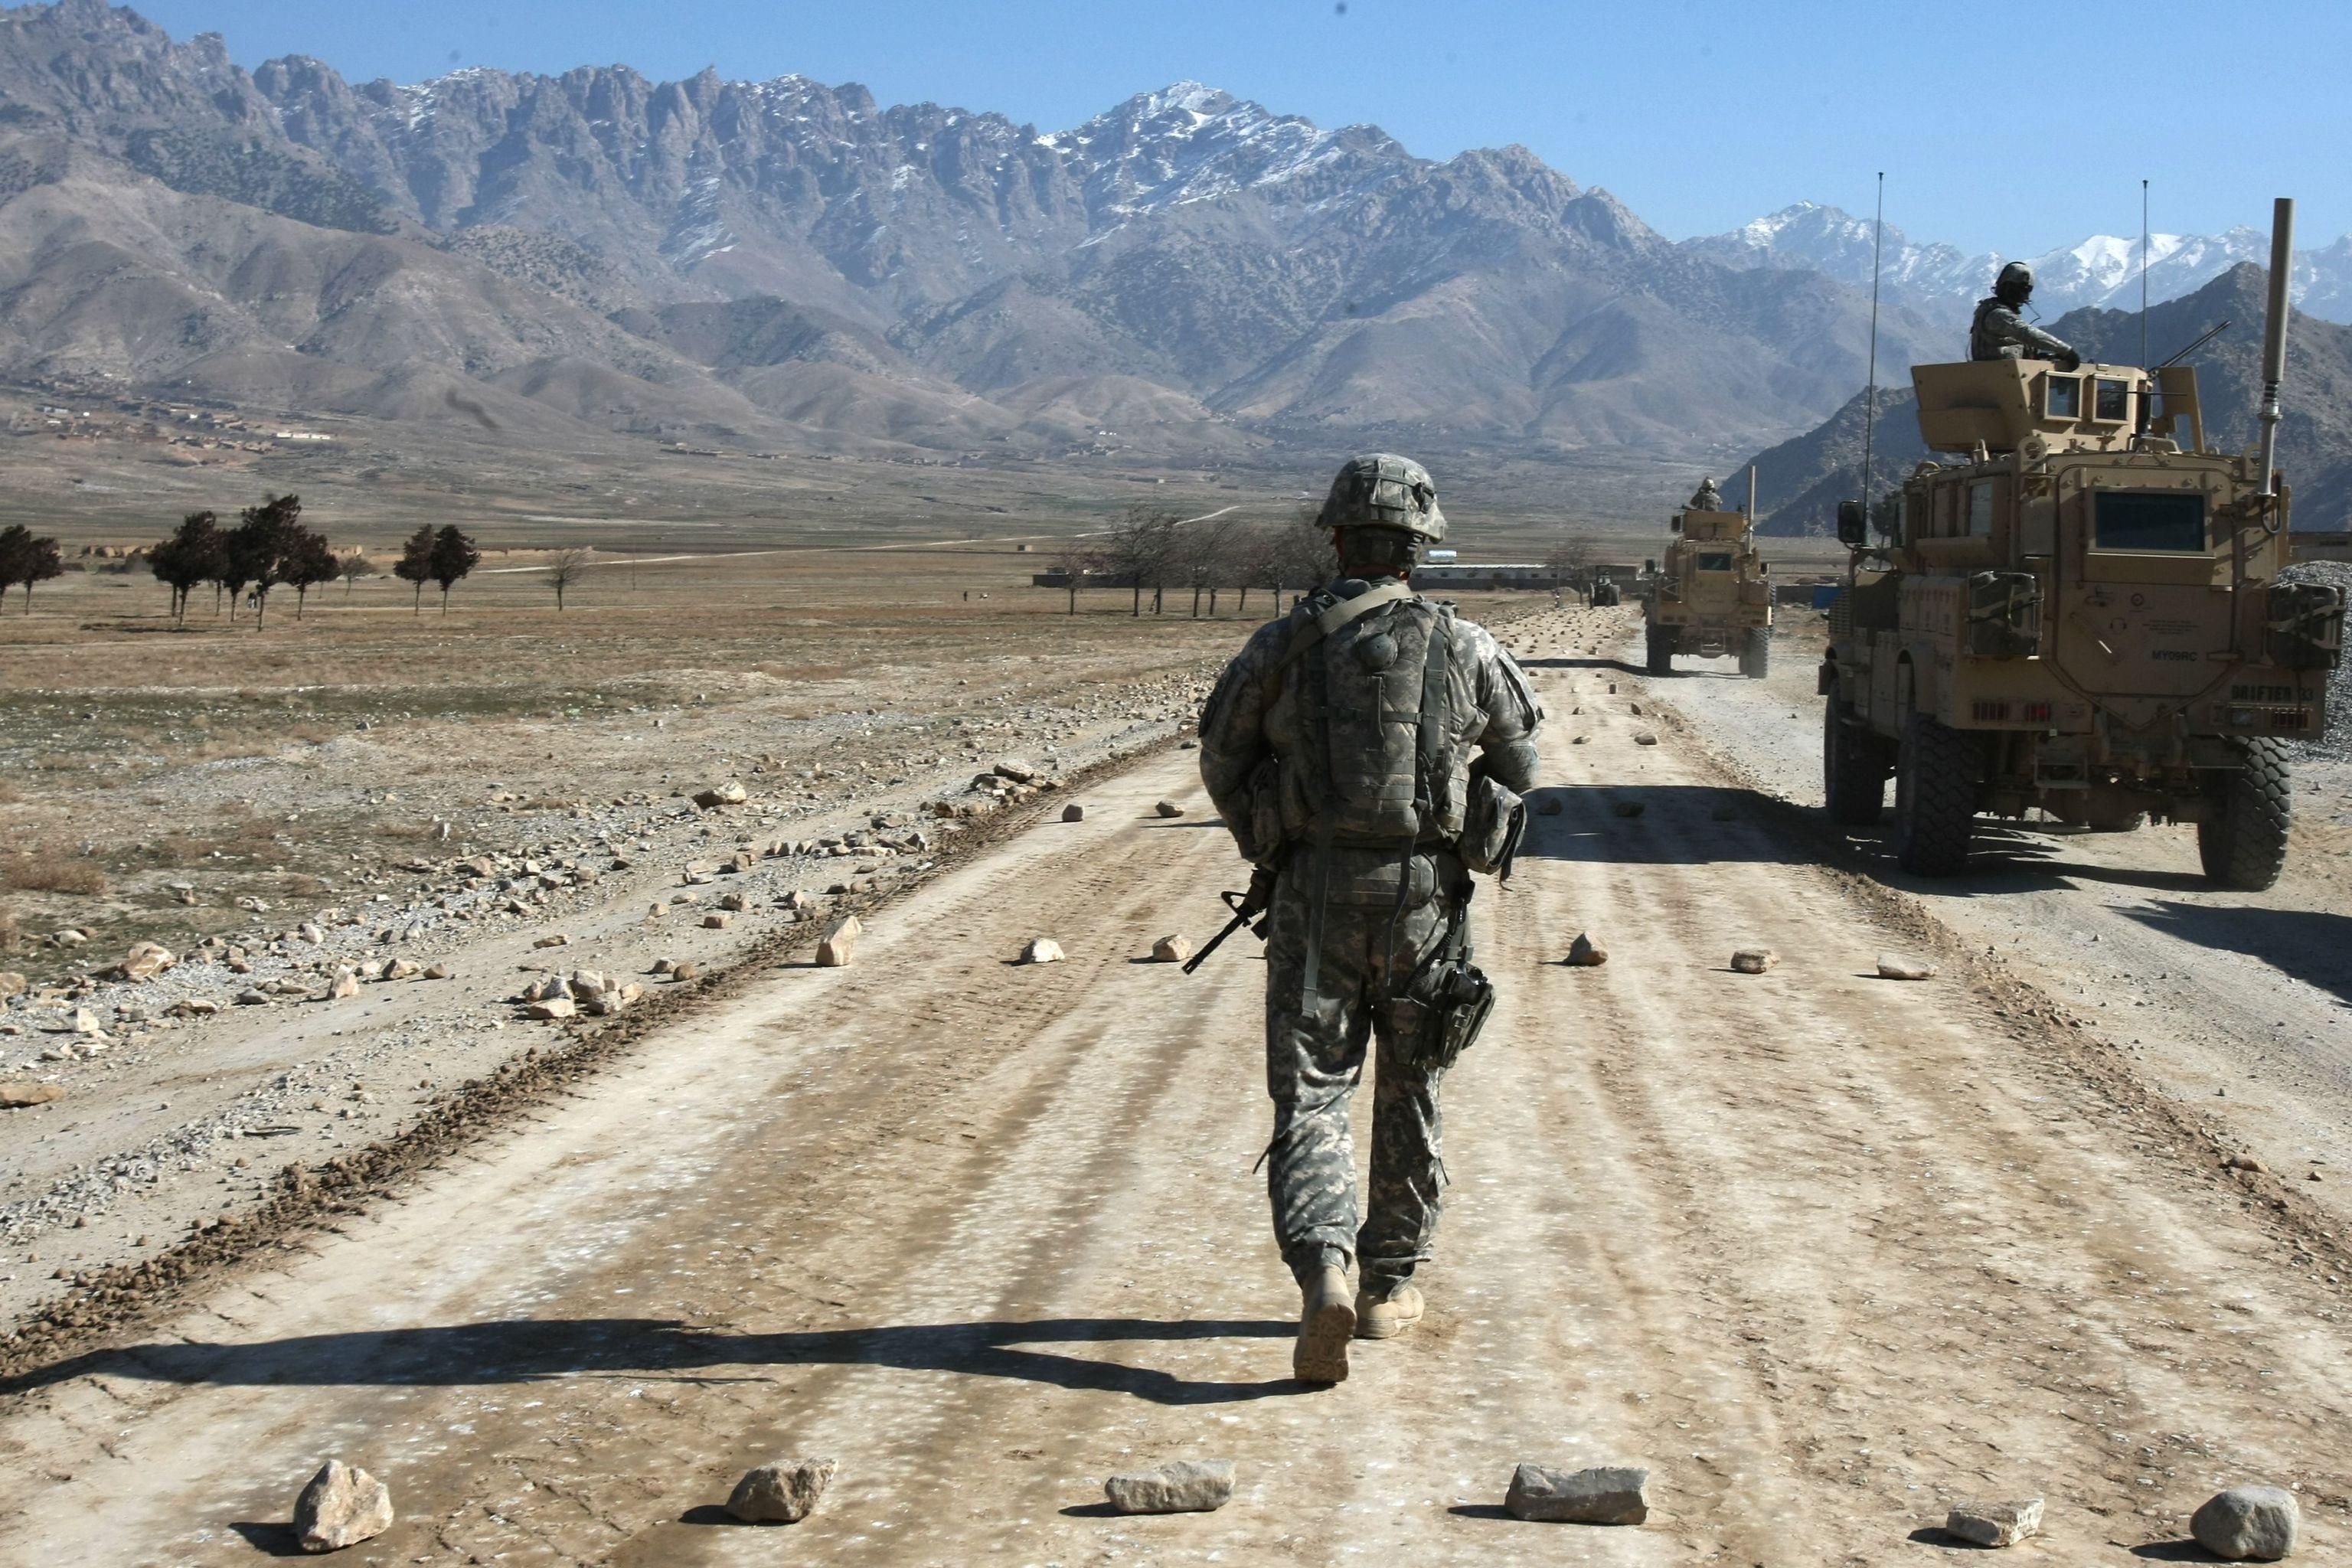 Imagen de archivo de un soldado estadounidense en un área cercana a Kabul.